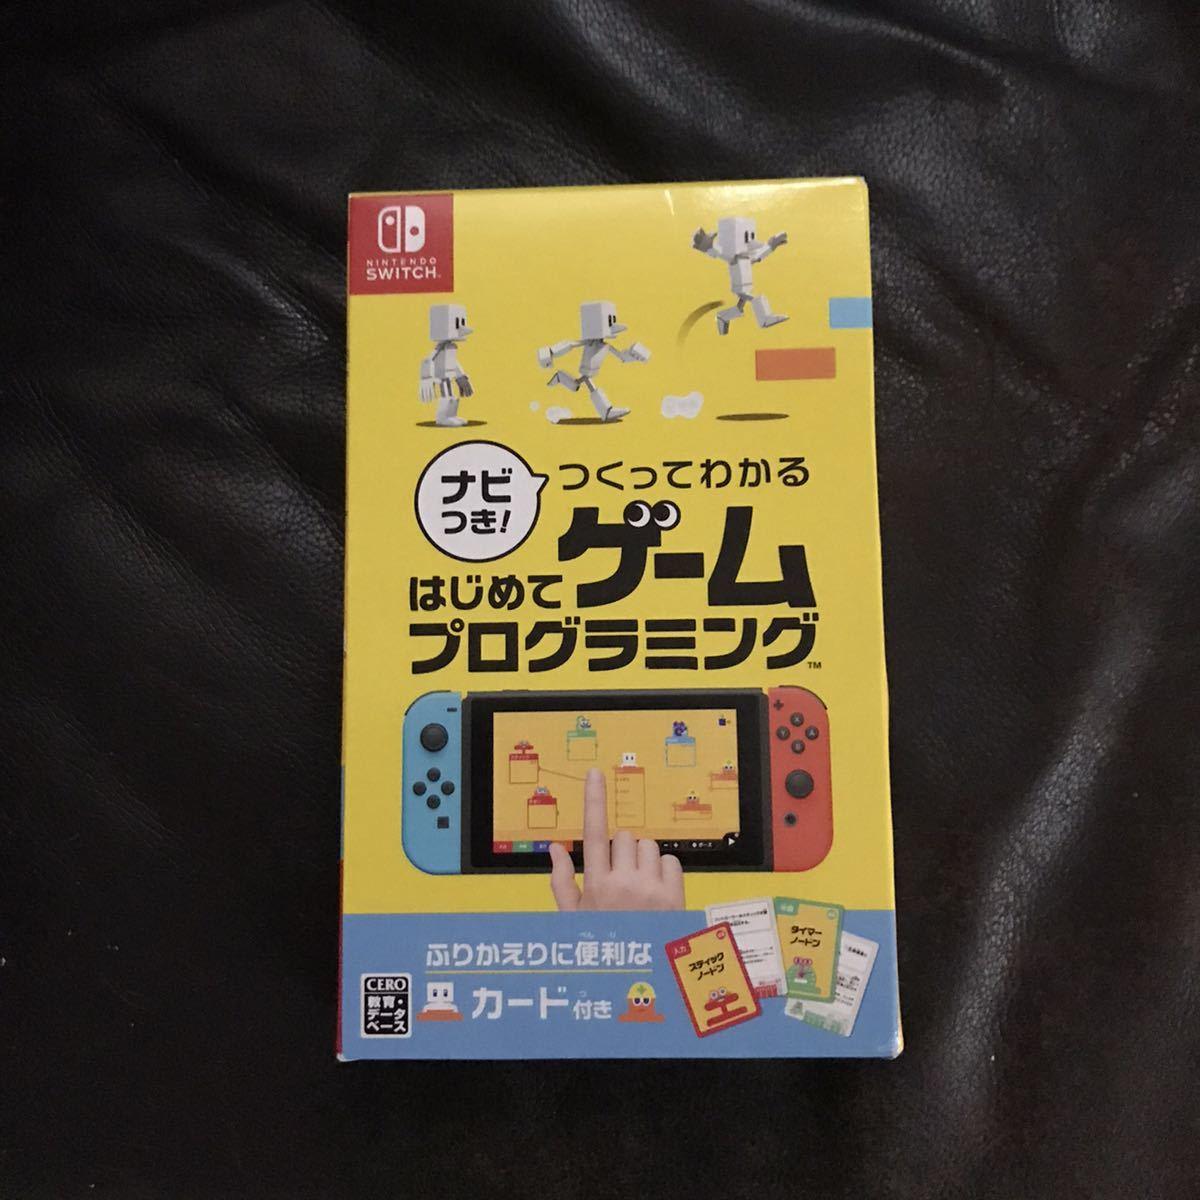 【1円スタート・ 新品未使用・返品可】Nintendo Switch Lite 本体 (ニンテンドースイッチライト)+ソフト2本+液晶保護フィルム_画像6